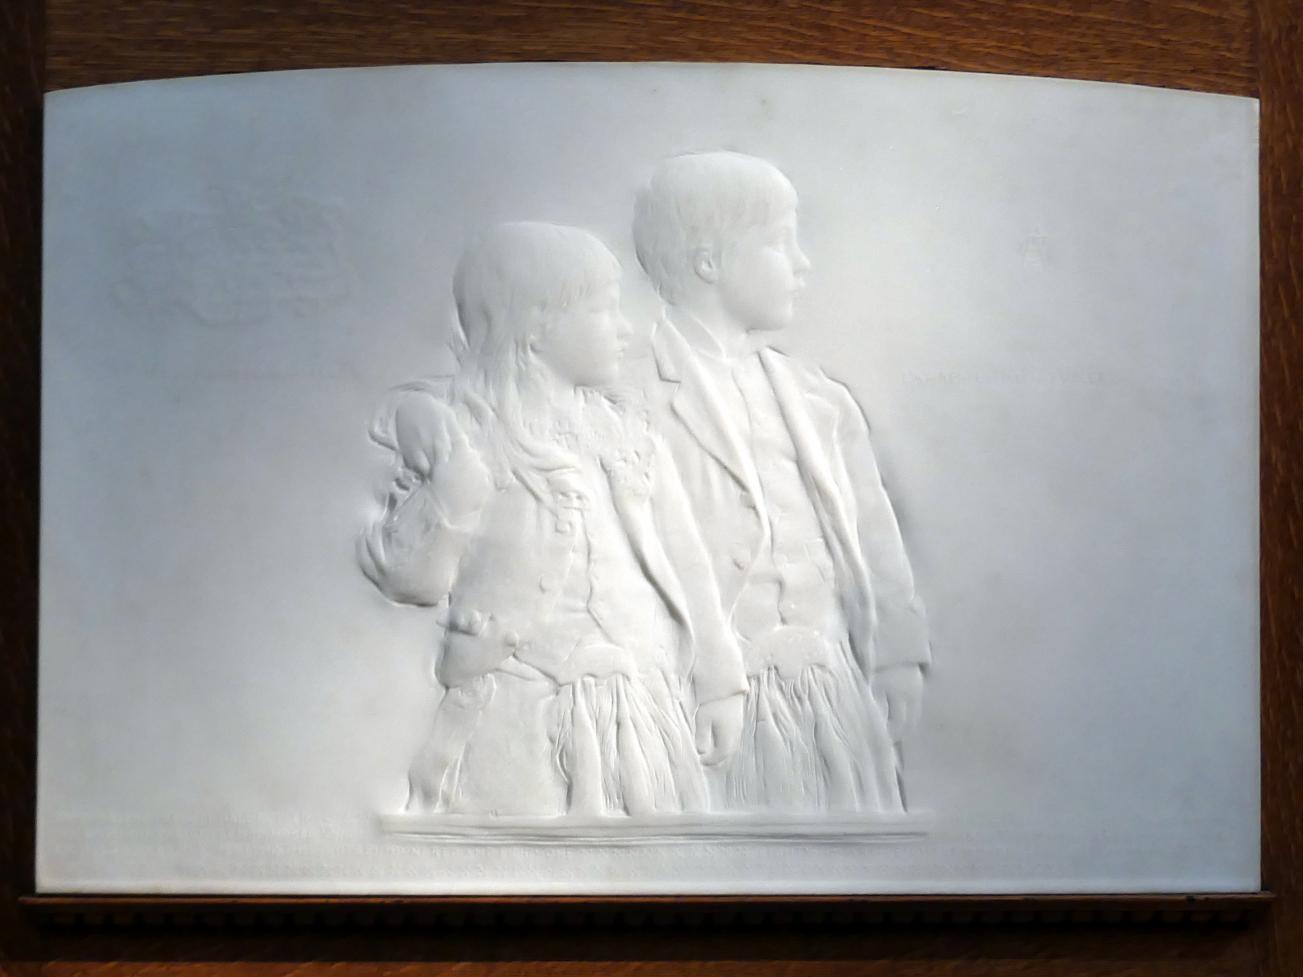 Augustus Saint-Gaudens: Die Kinder von Prescott Hall Butler, 1880 - 1881